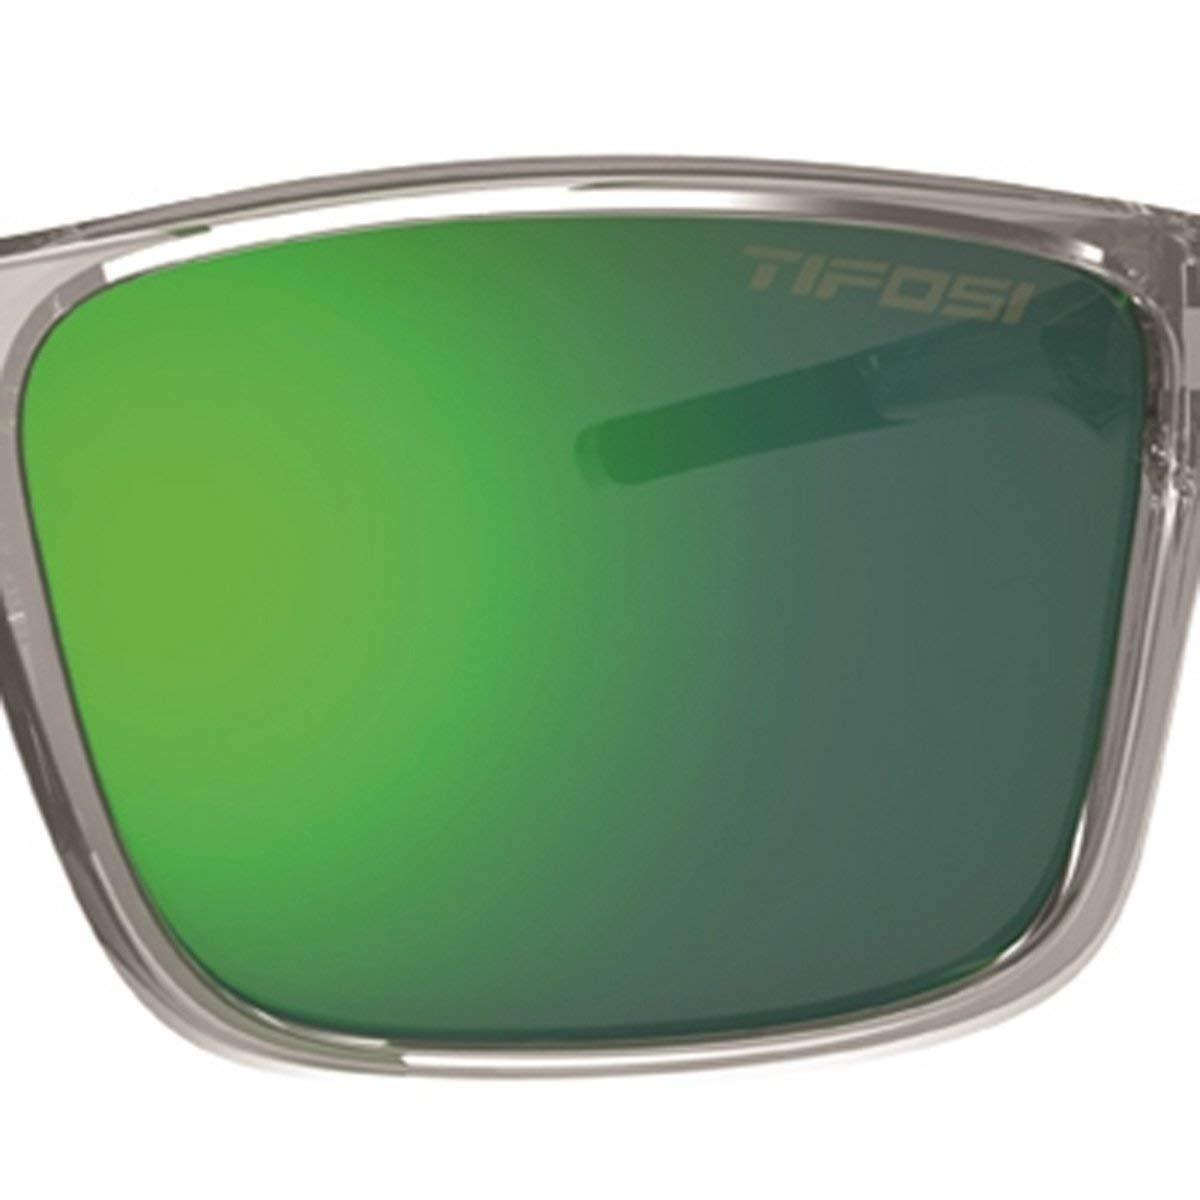 bf025519ec39 Cheap best sunglass optics deals. (25100 results). Tifosi Optics Marzen  Sunglass Replacement Lens